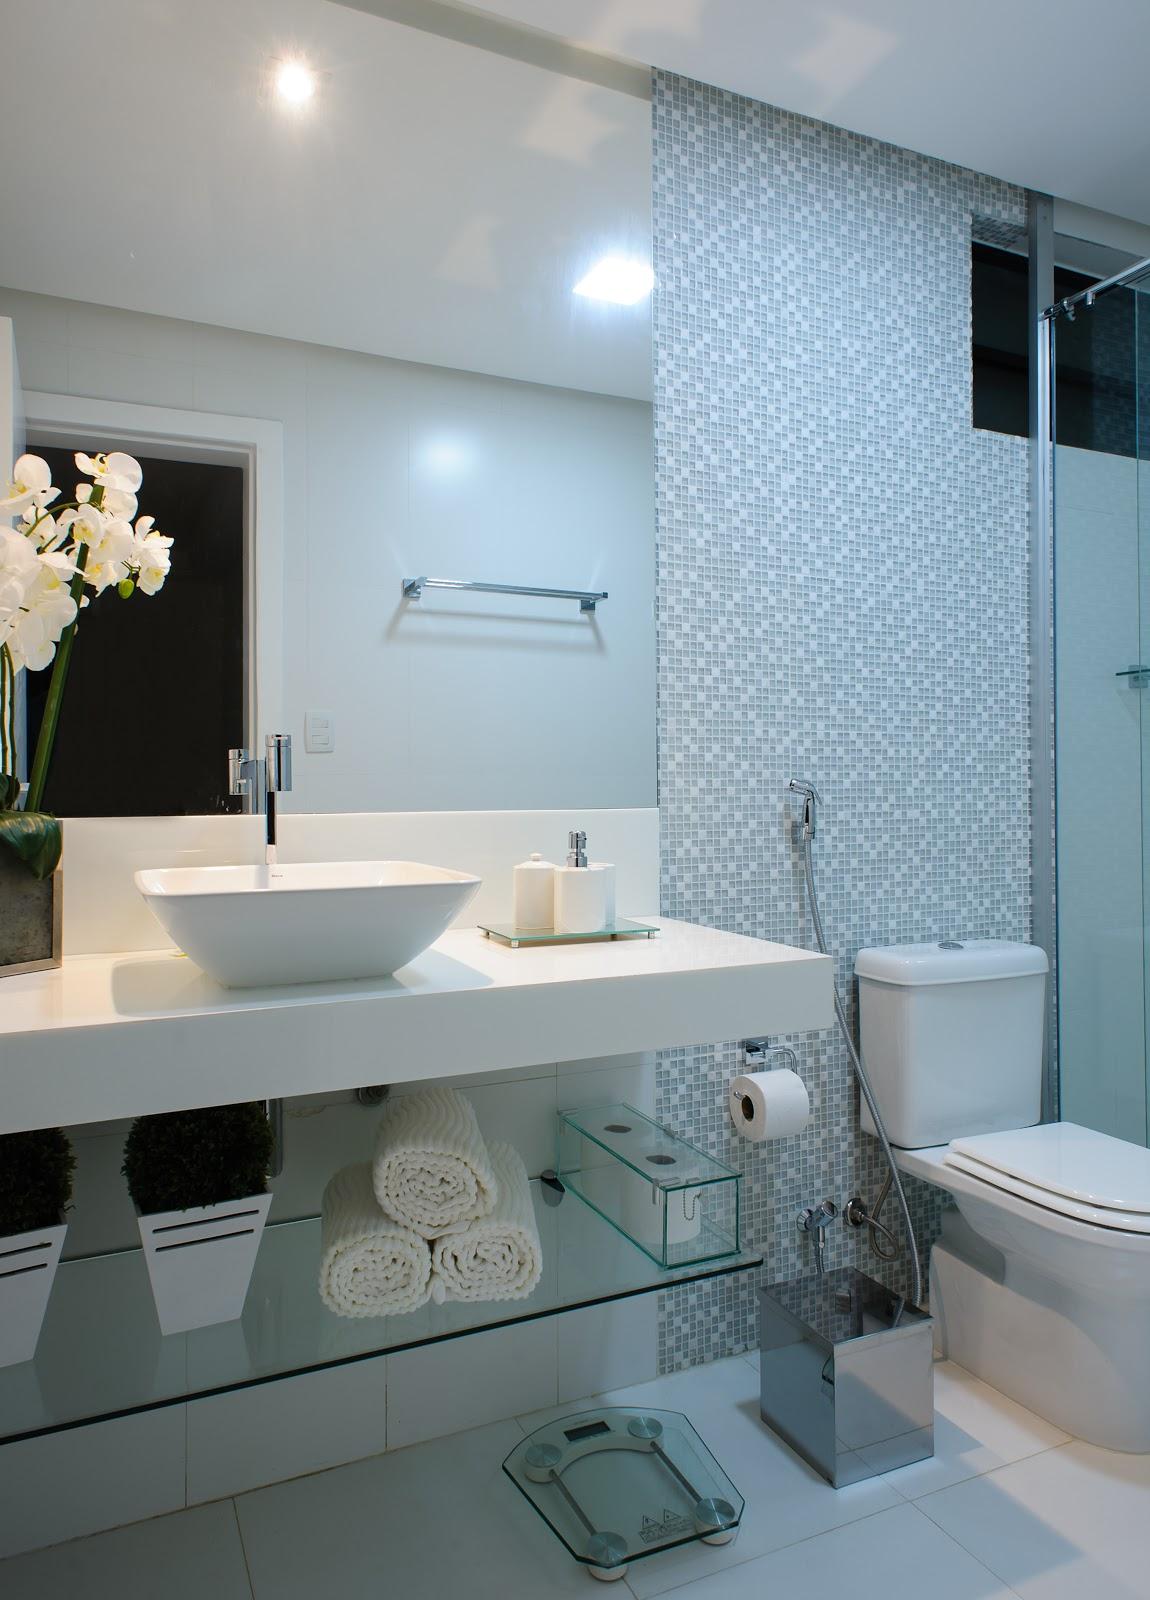 Para Uma Garota Banheiro Pink E Branco Pastilhas De Vidro #4E6A7D 1150x1600 Azulejos Para Banheiro Branco E Preto